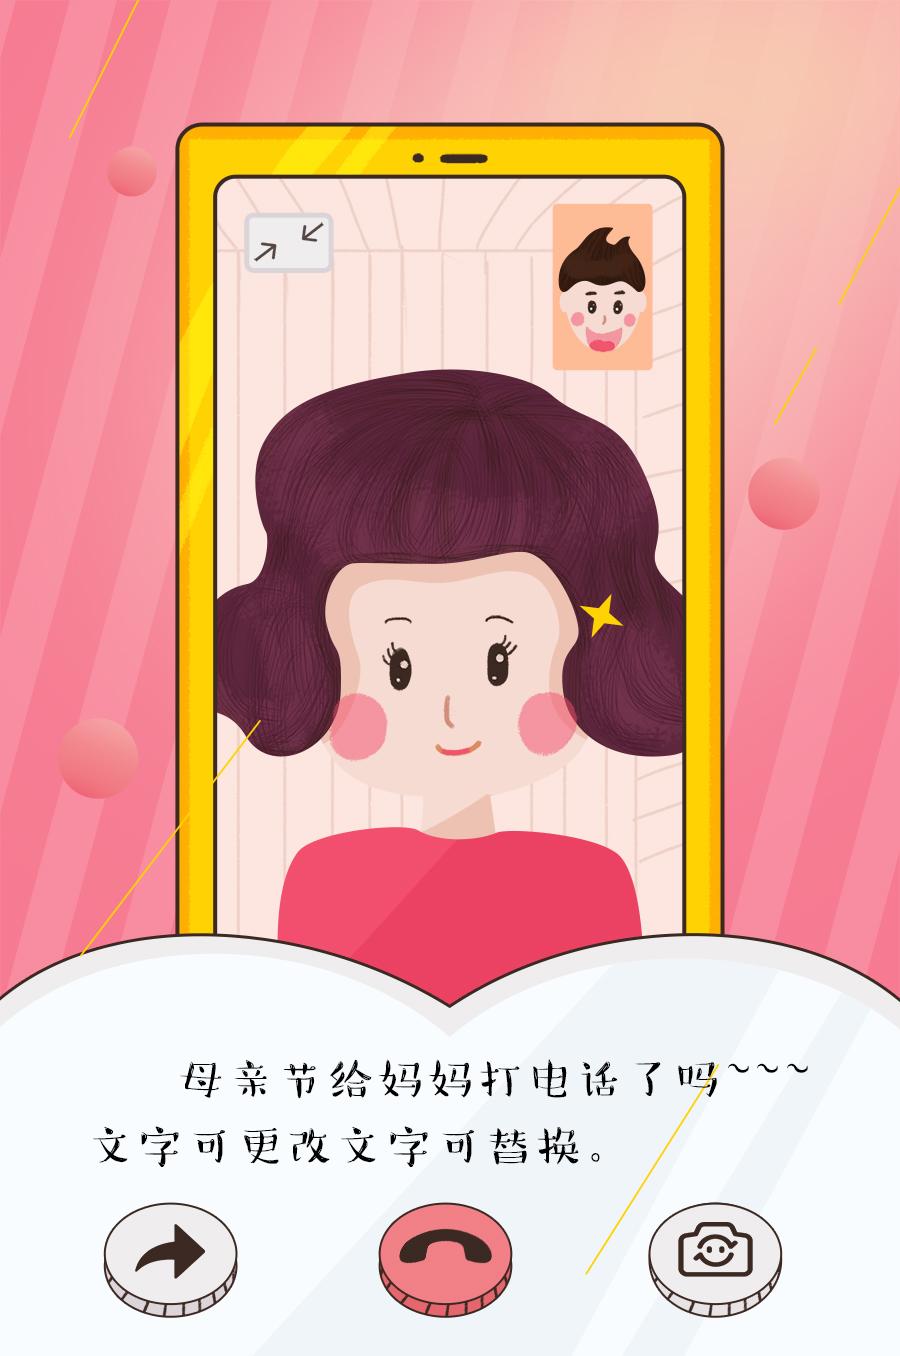 清新卡通手绘母亲节插画素材 插画-第5张